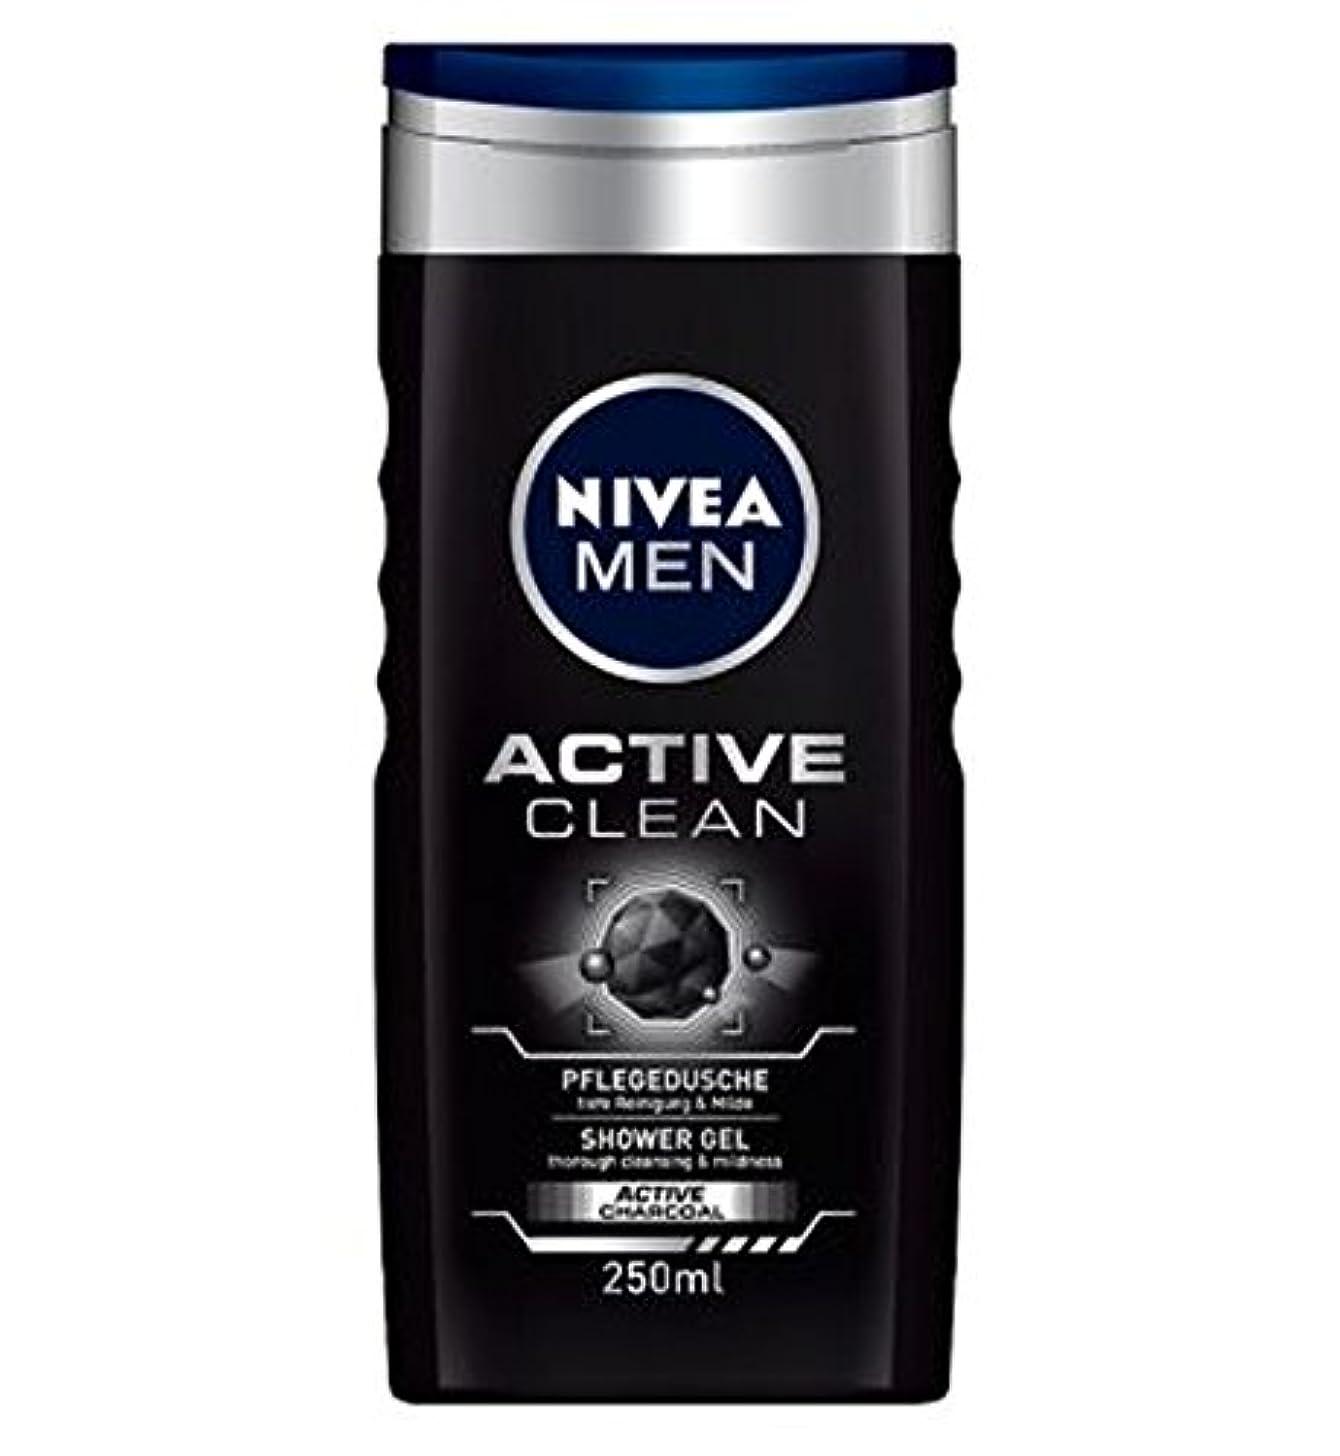 側溝親指提供するNIVEA MEN Active Clean Shower Gel 250ml - ニベアの男性アクティブクリーンシャワージェル250ミリリットル (Nivea) [並行輸入品]